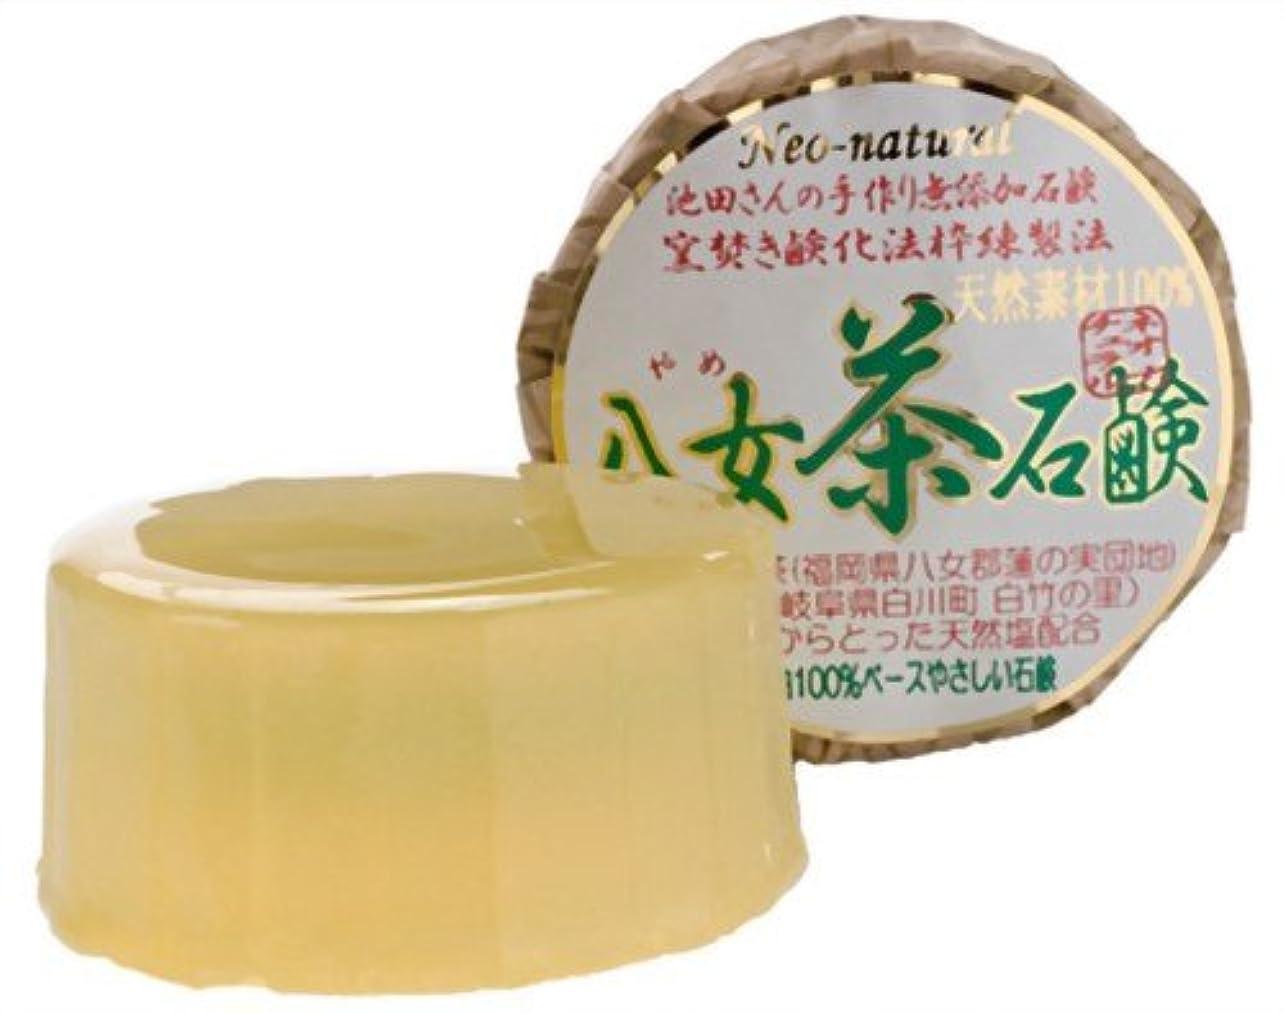 間欠植生ロッカーネオナチュラル 池田さんの八女茶石鹸 80g